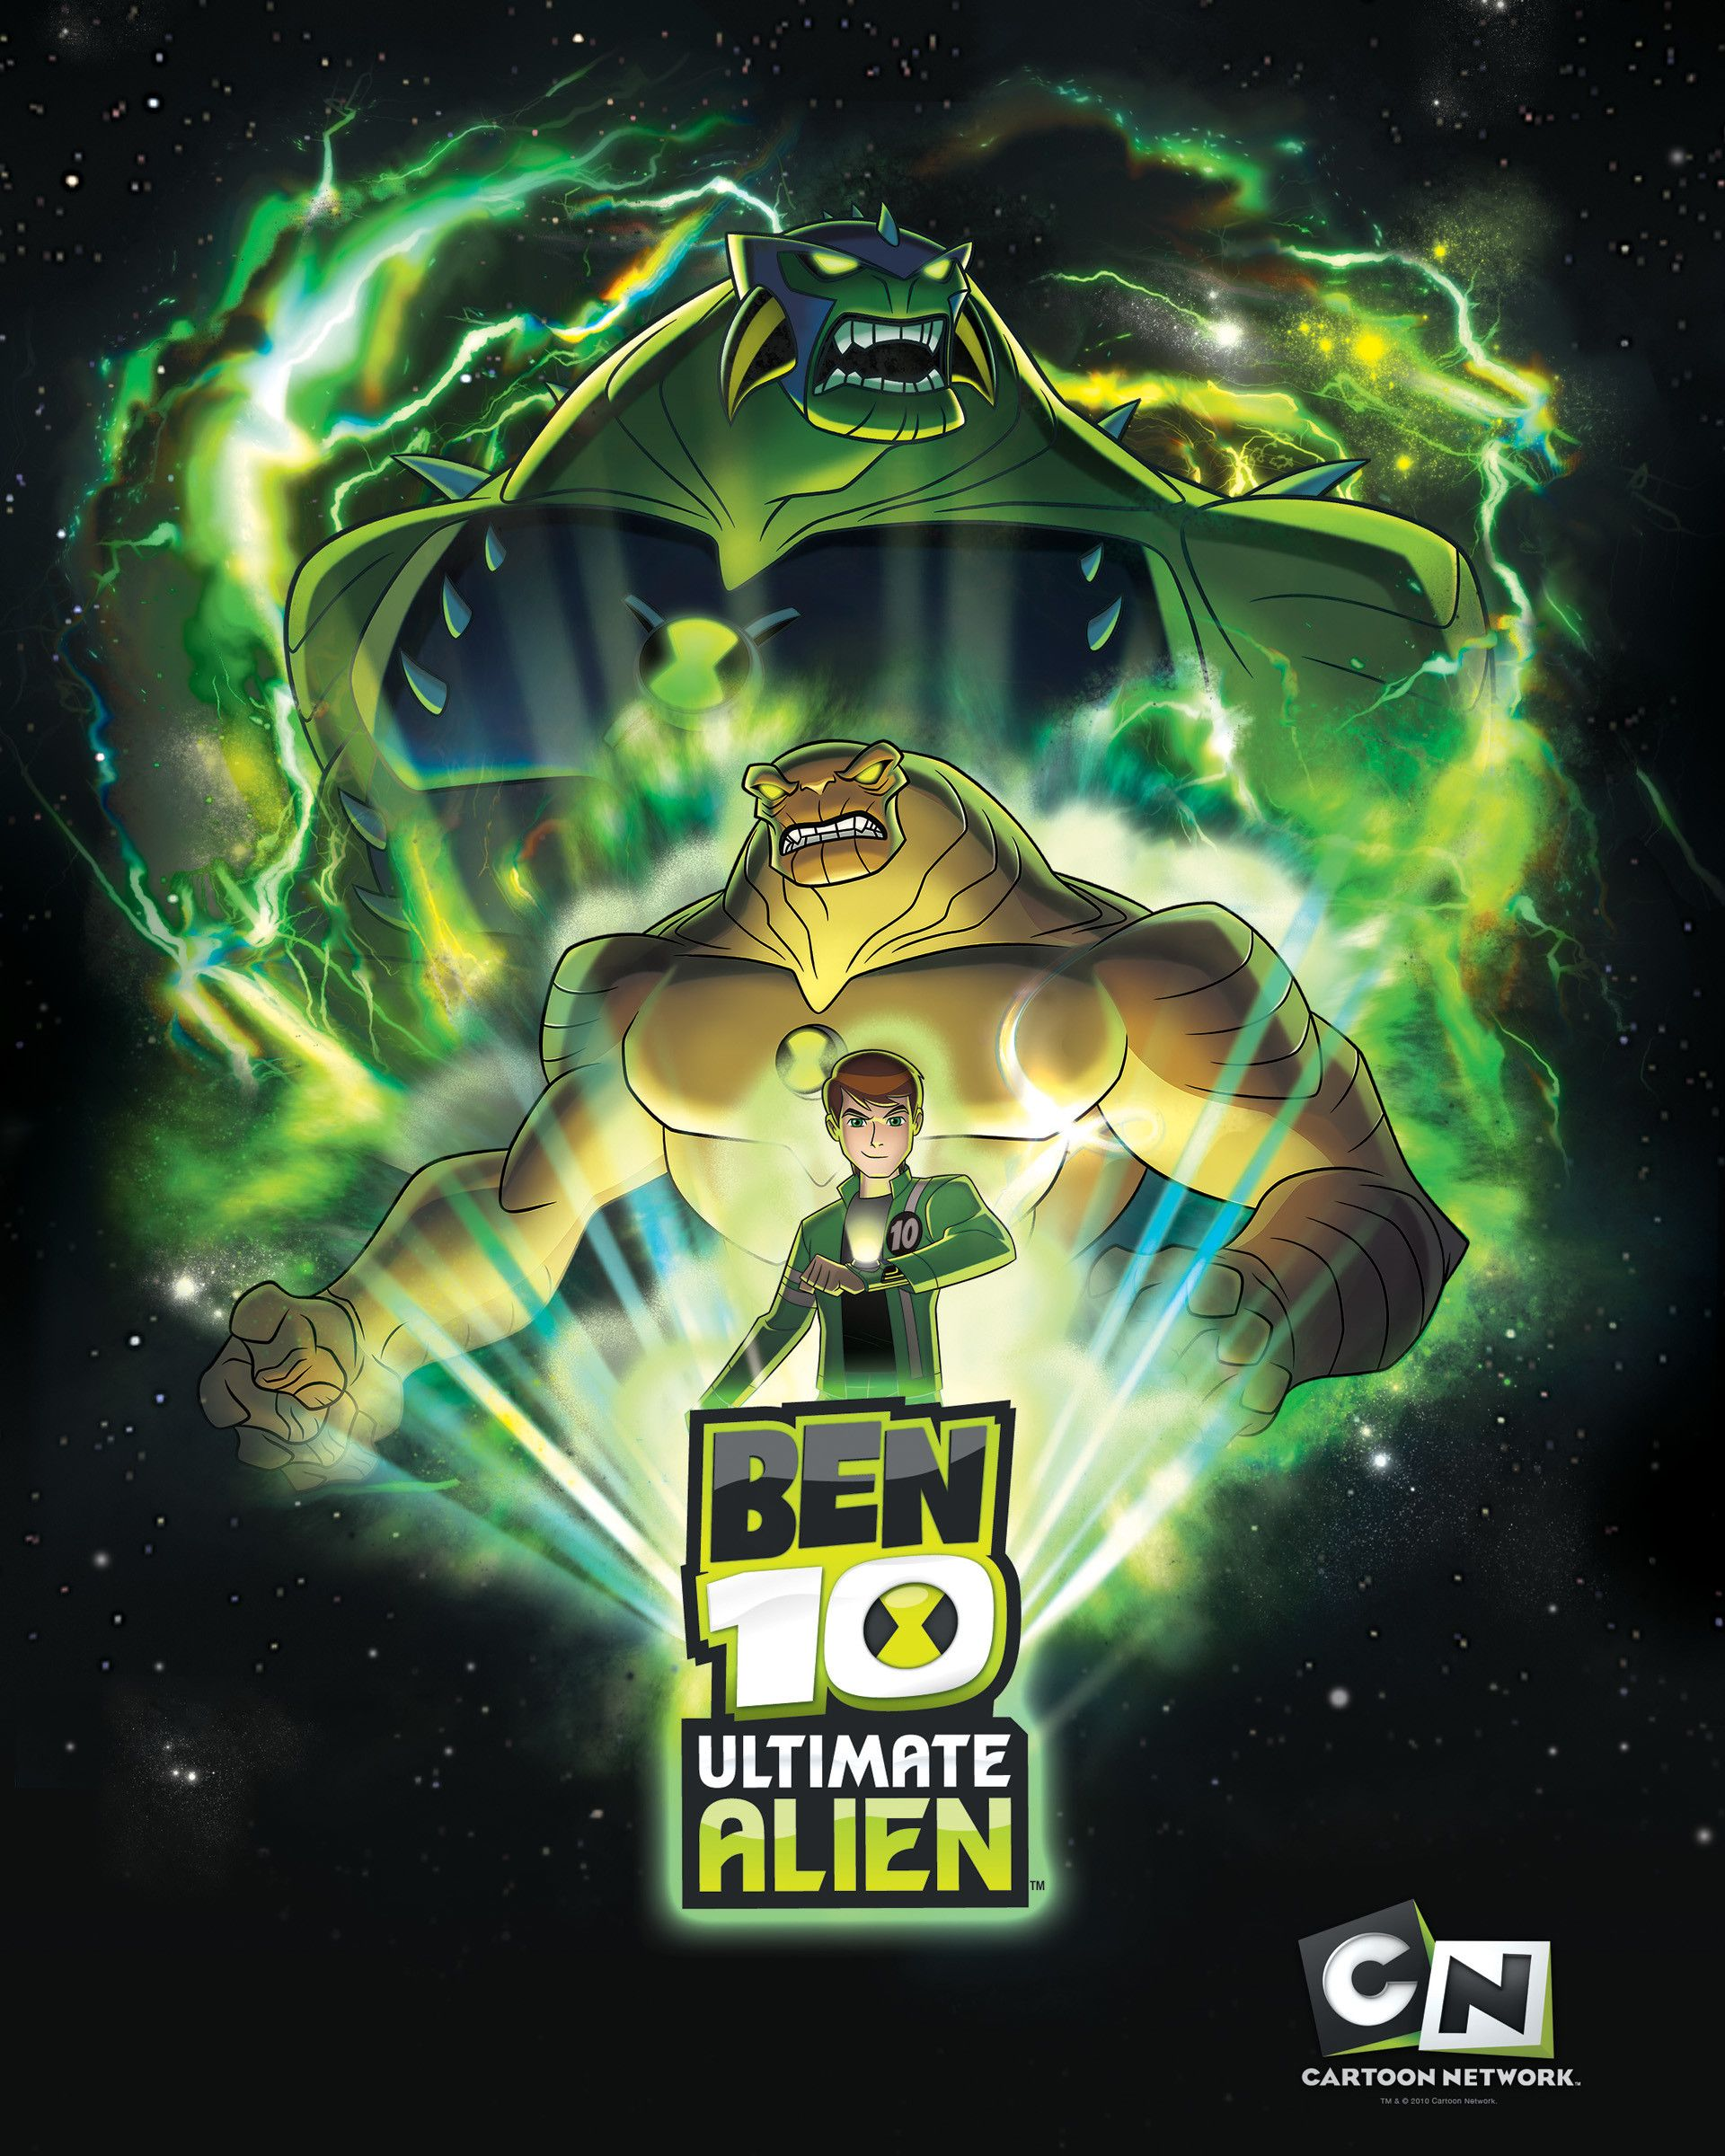 1920x2400 Ben 10 Ua Poster 8x5 Jpg Ben 10 Ultimate Alien Ben 10 Ben 10 Alien Force